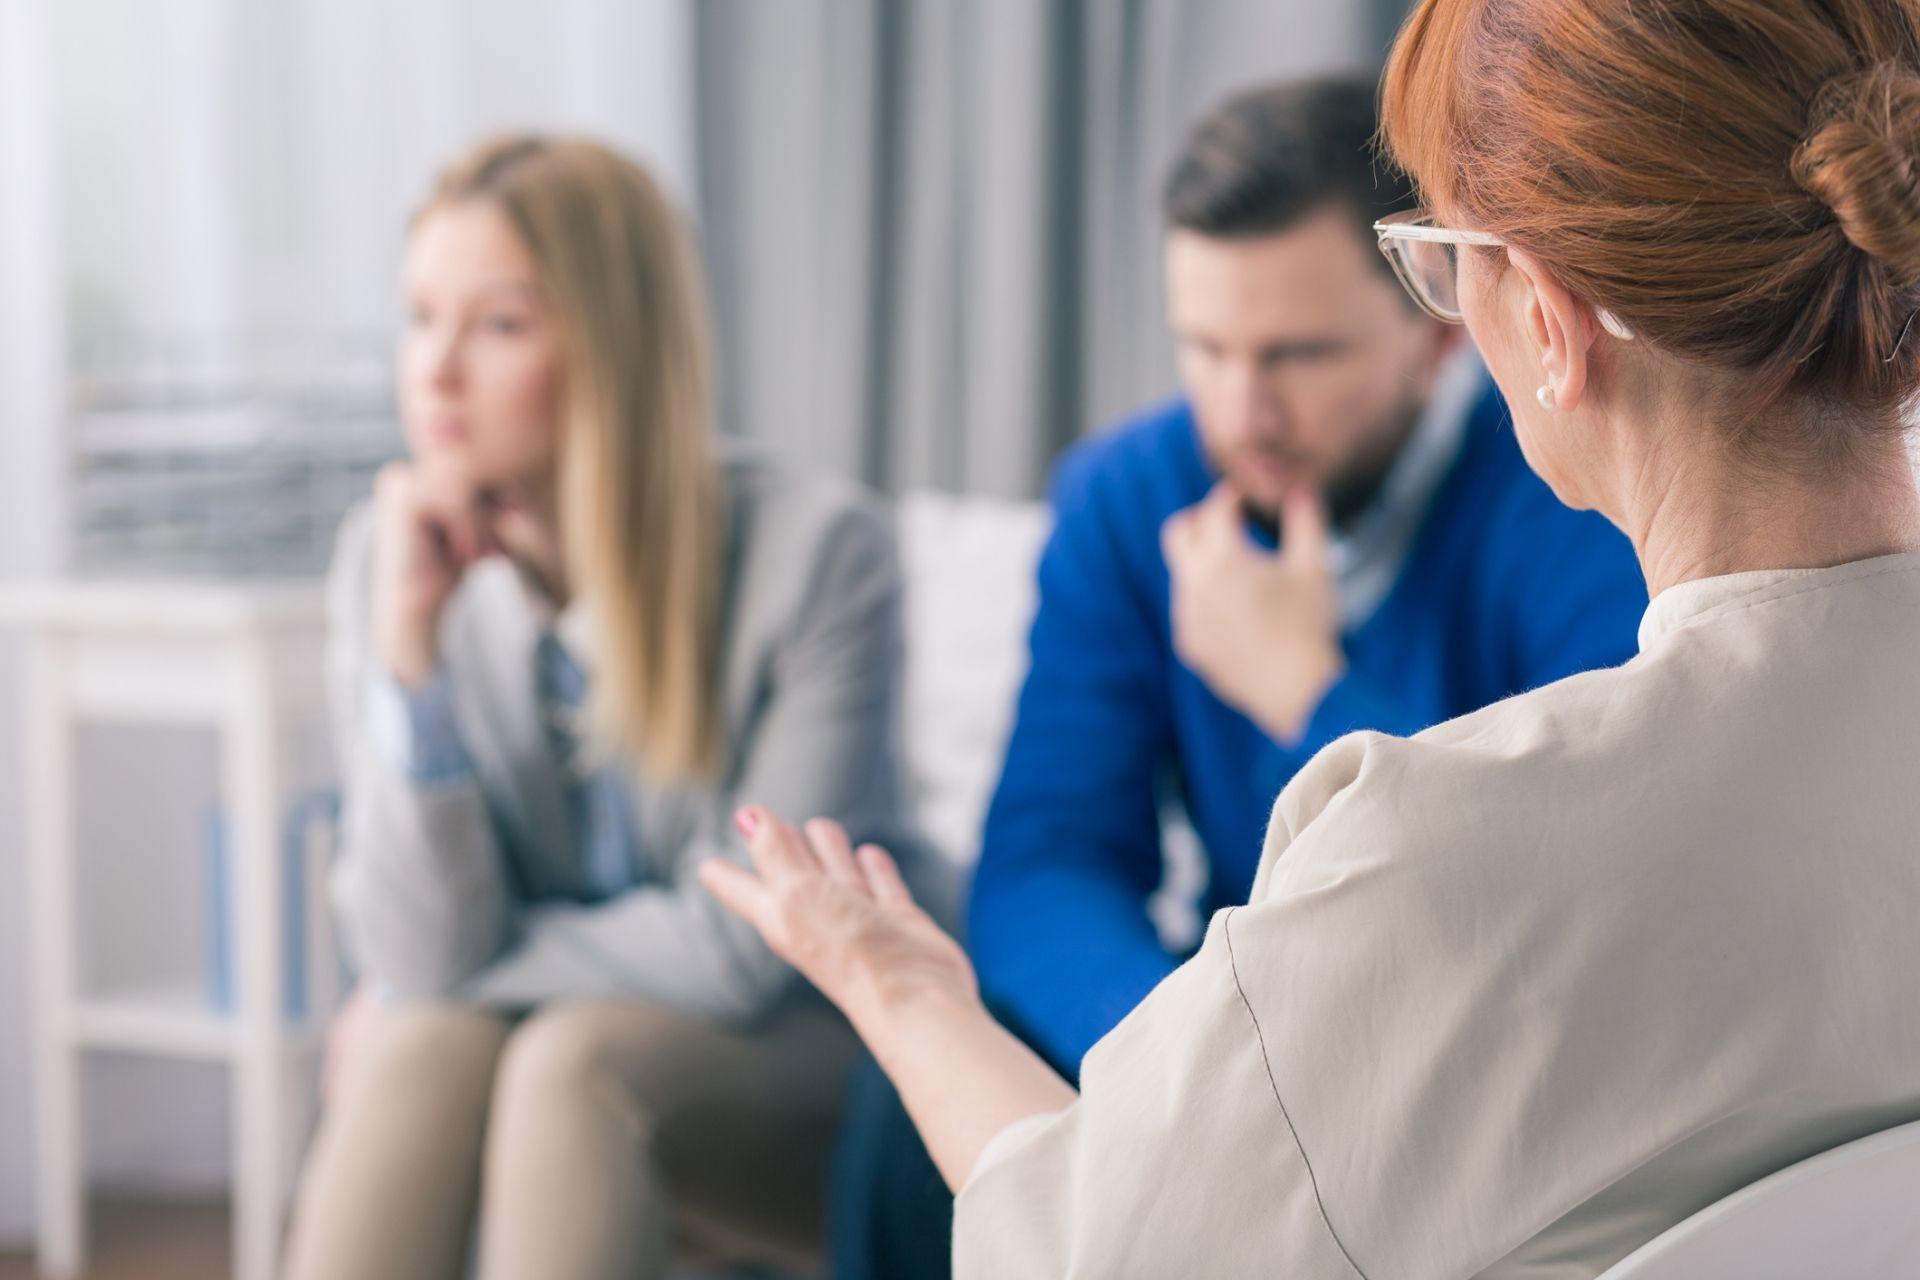 Tratamiento de pareja: cuándo asistir a un experto